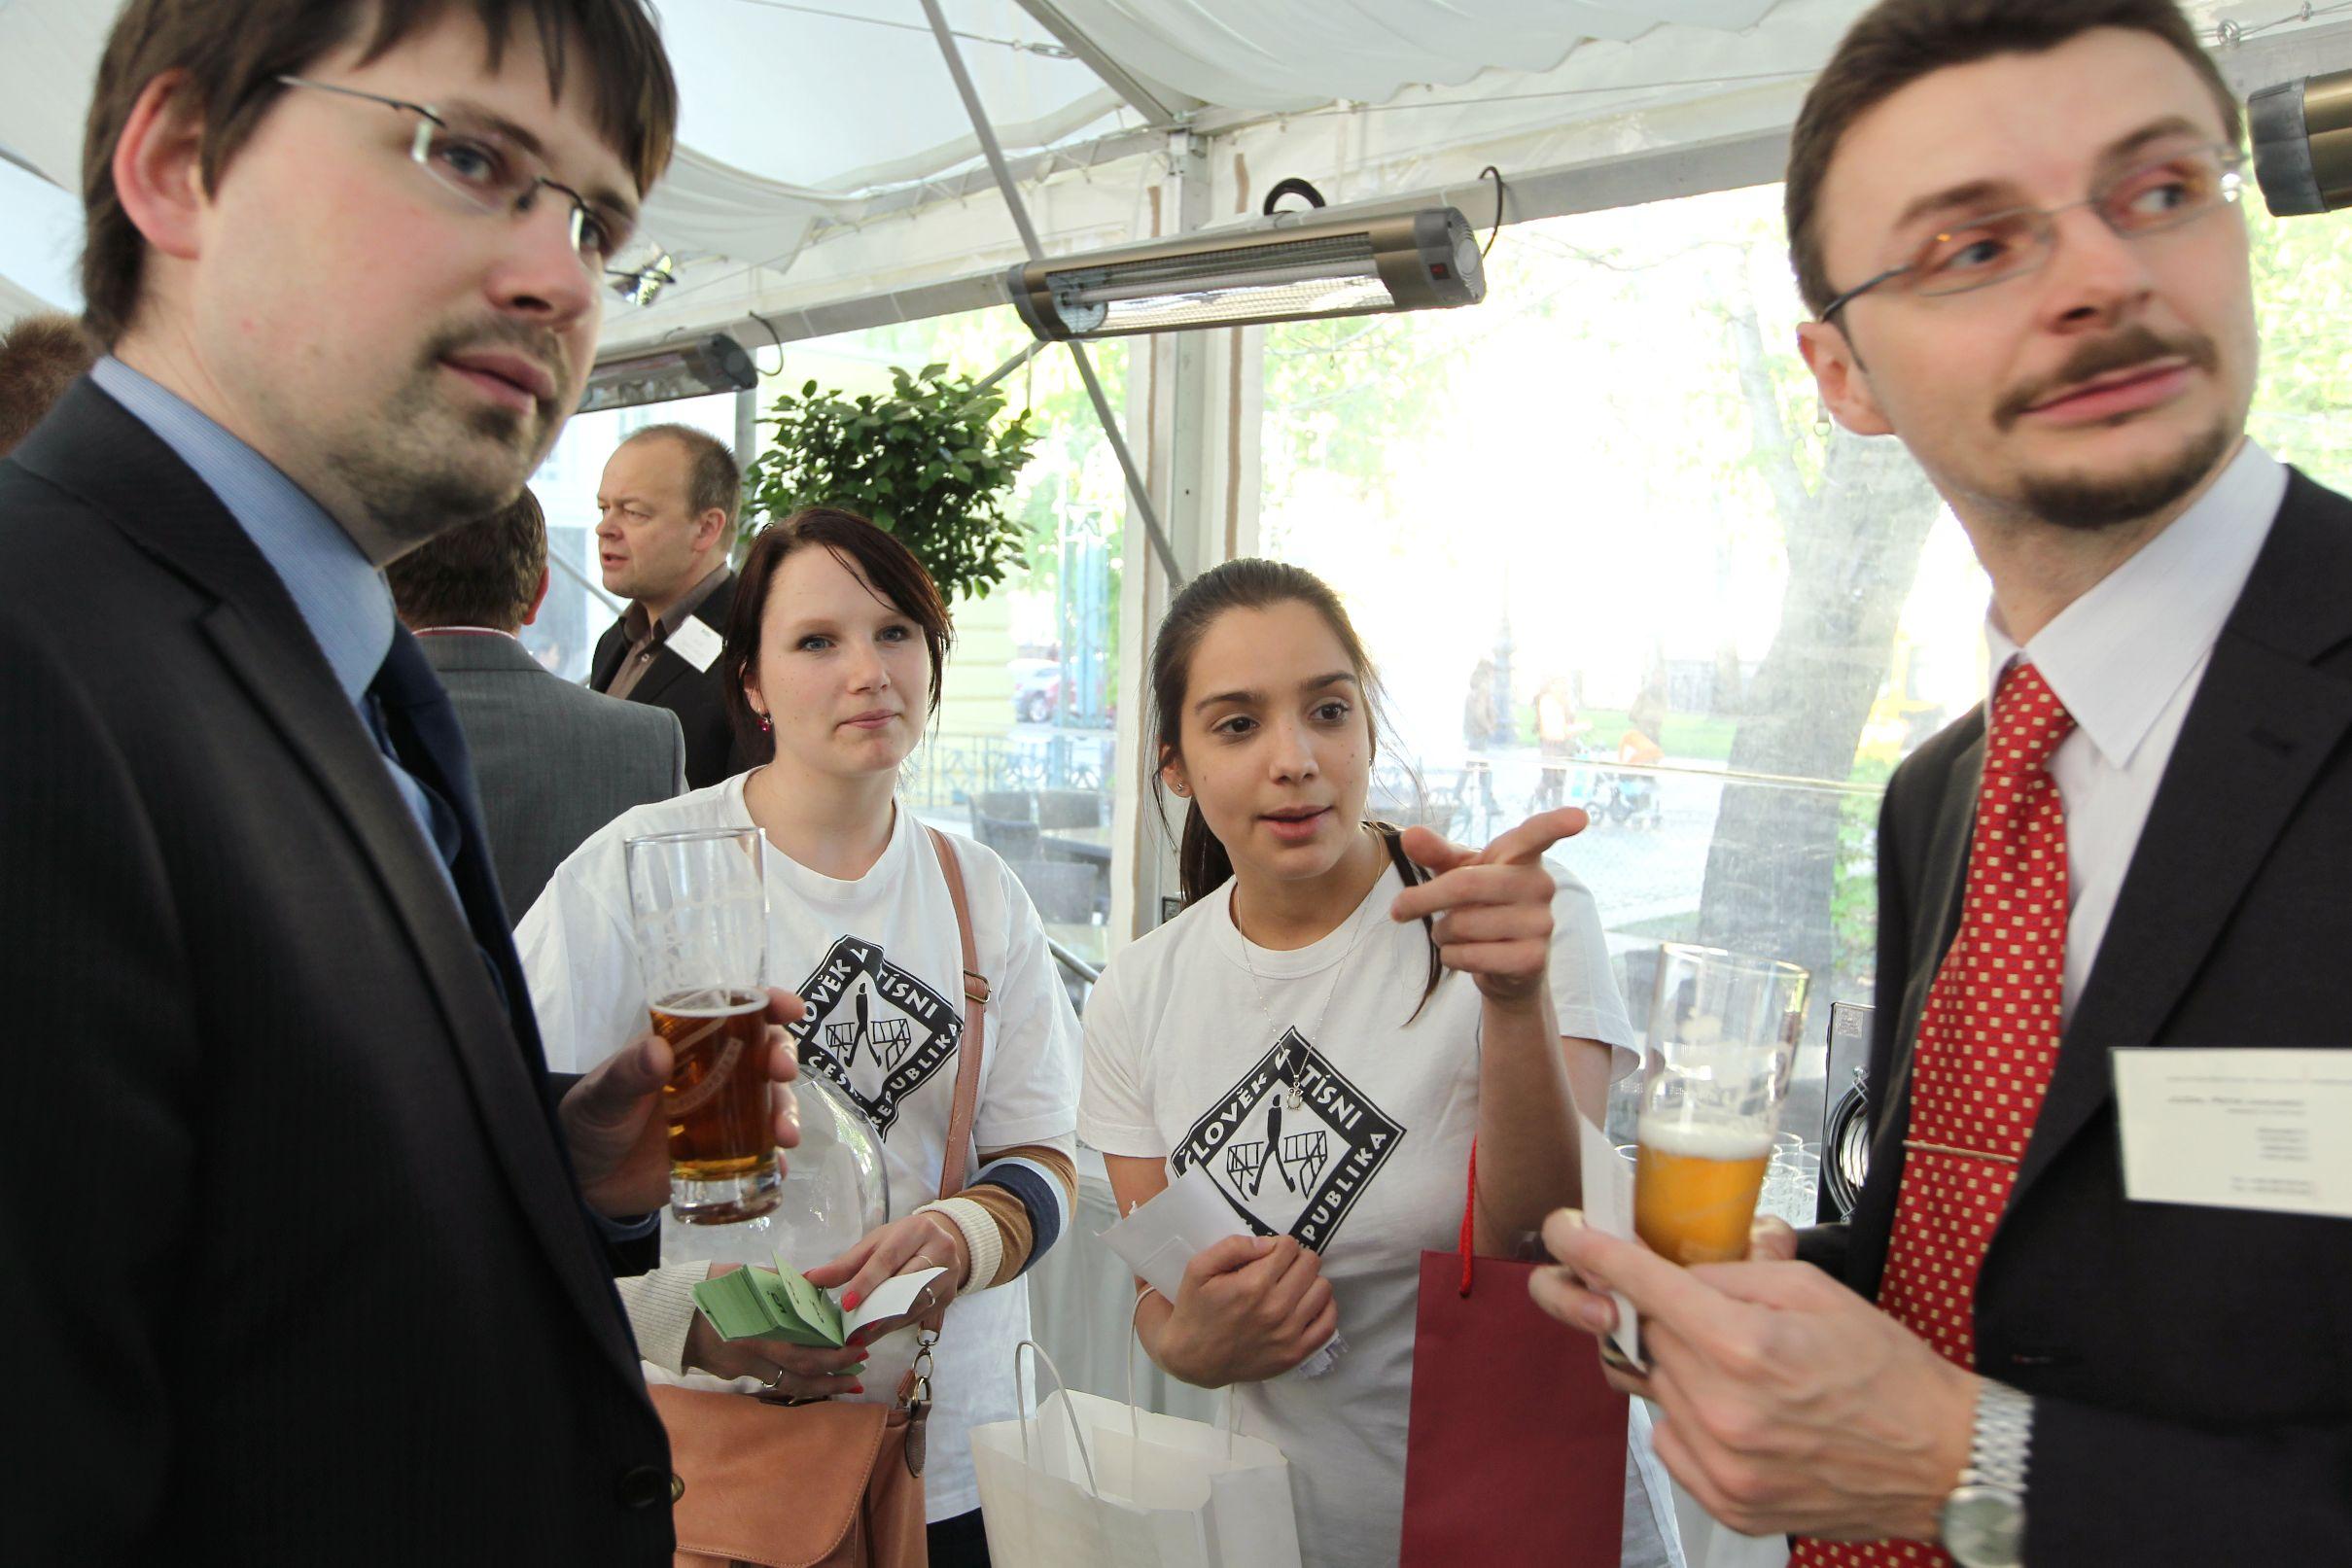 Galerie de photos : Czech Beer Festival 2012 - événement commun de 8 chambres étrangères